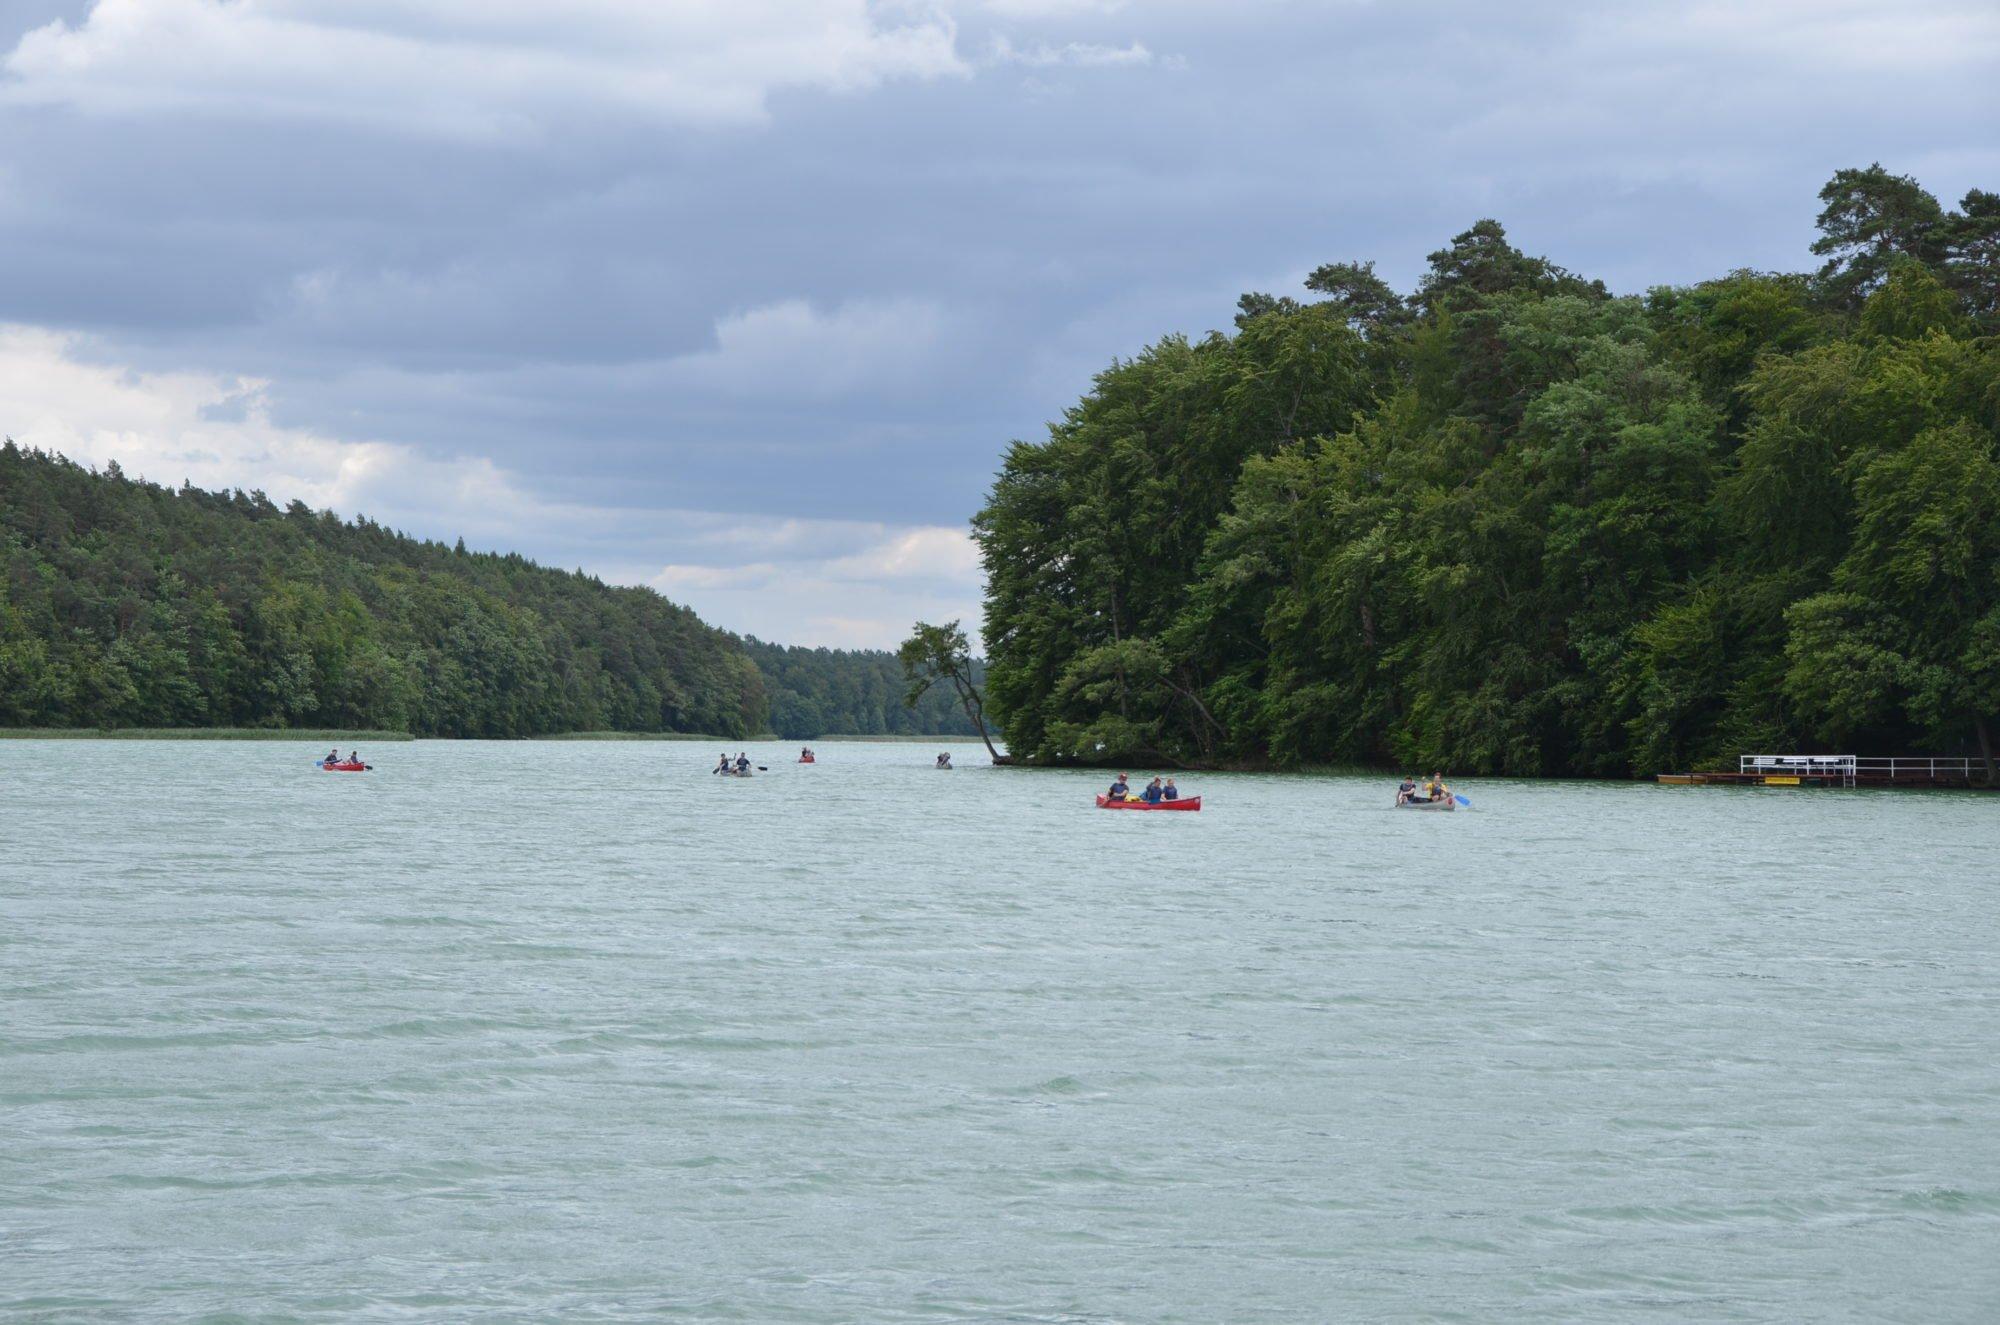 Kanufahrer kommen dem Floß auf dem See entgegen.